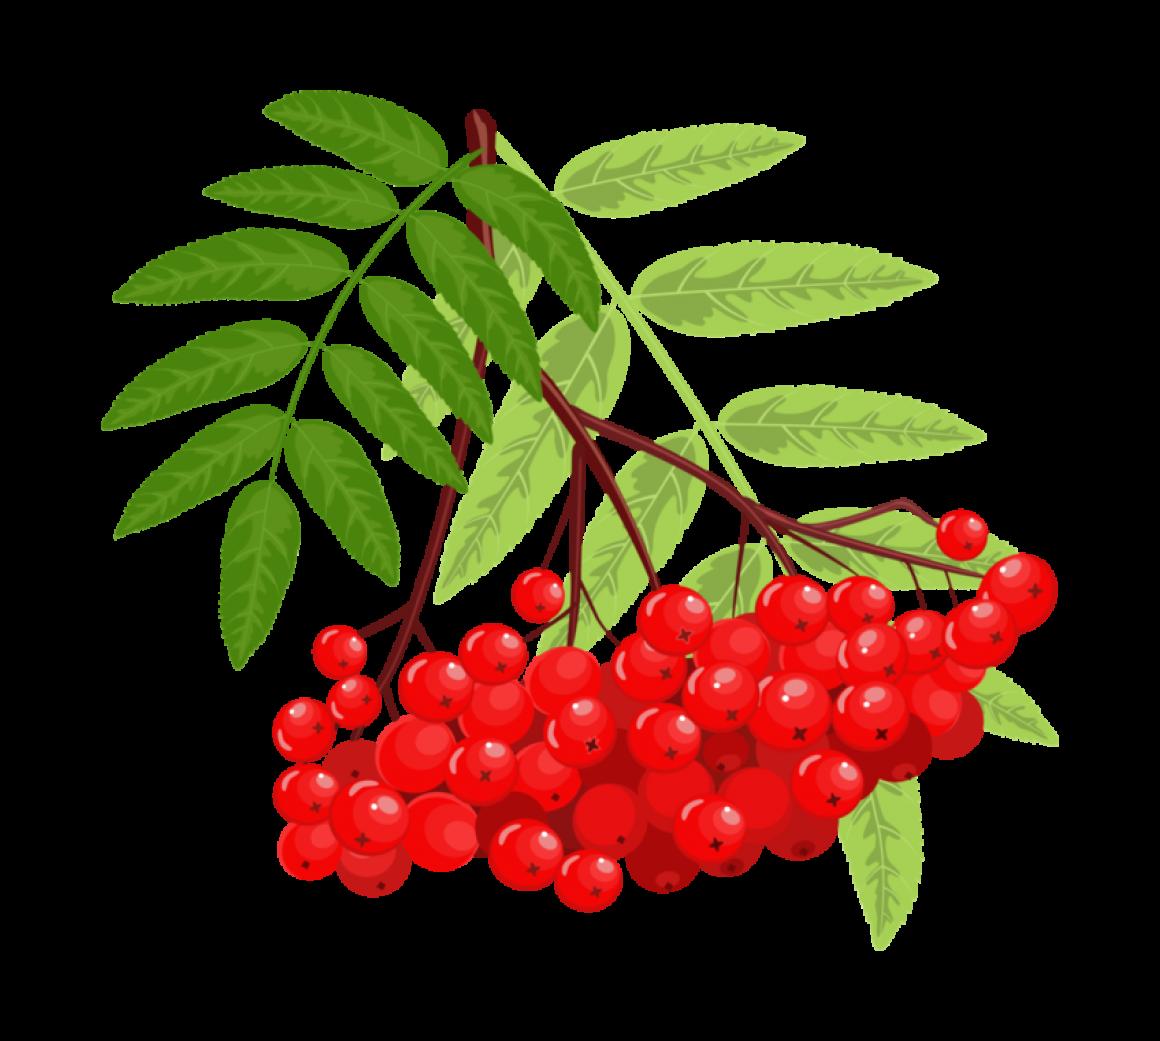 мдф относятся картинка ветки рябины с ягодами многие задумываются том